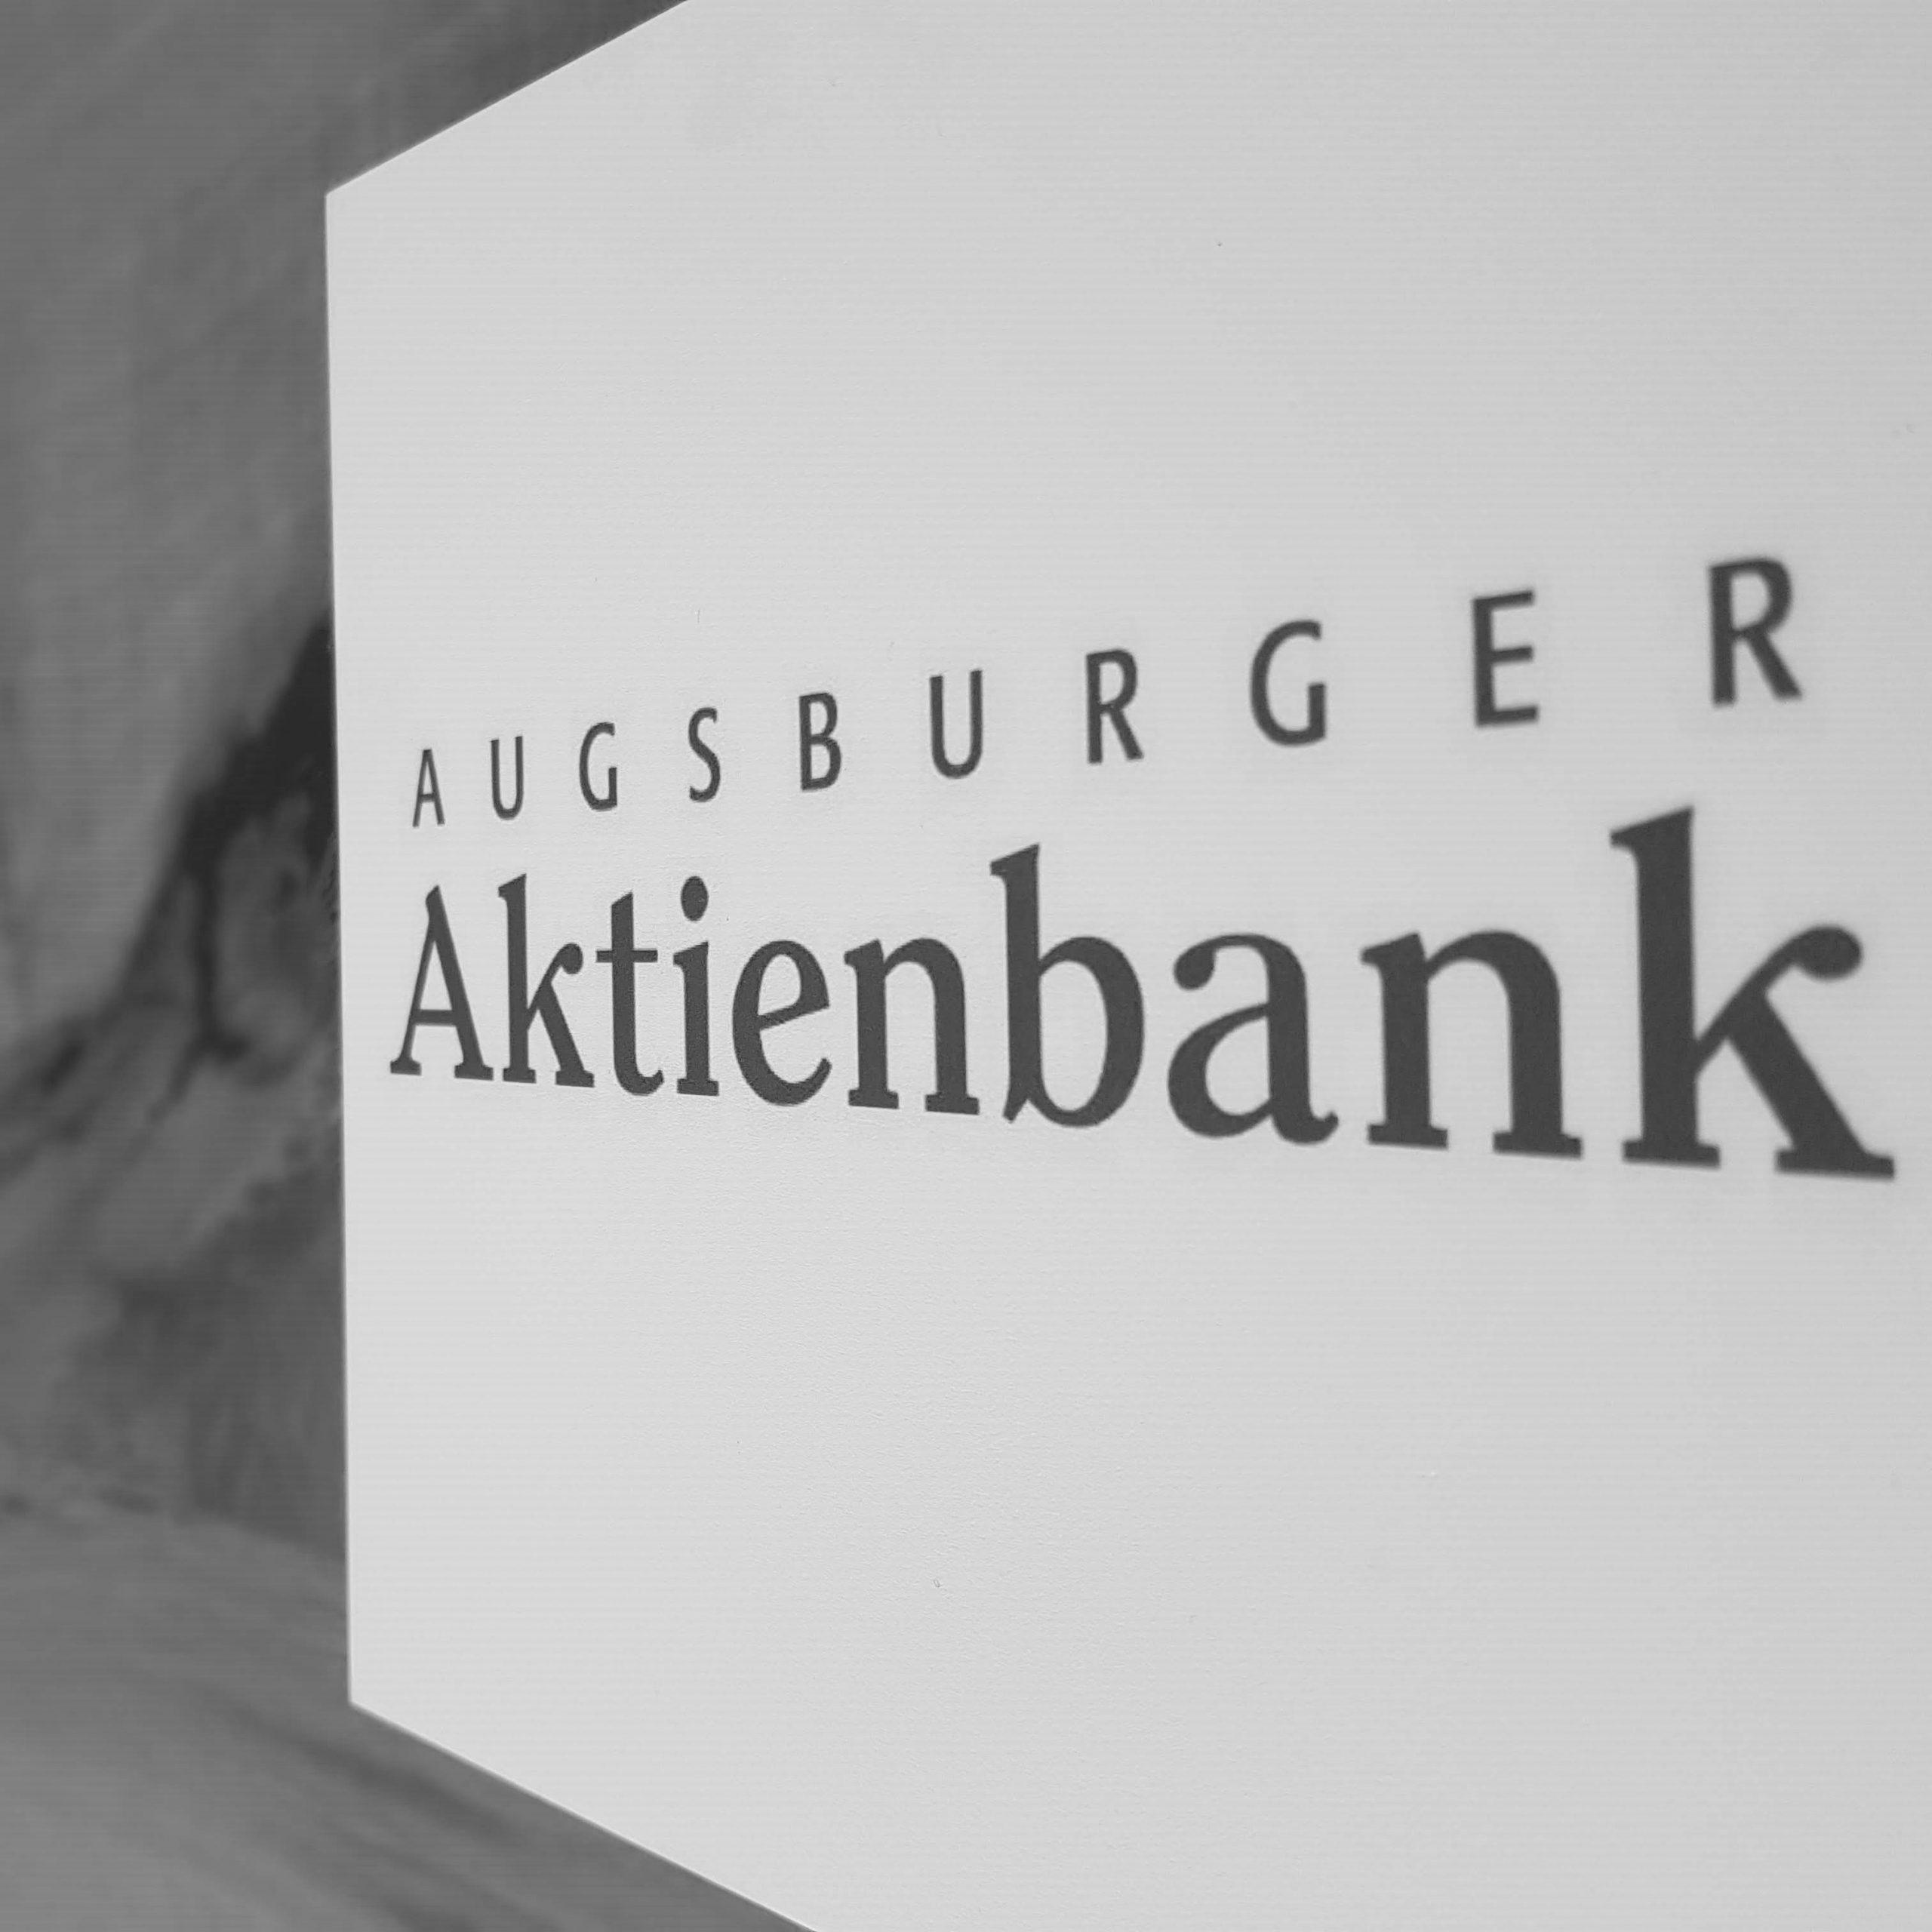 Abfotografiertes Logo Augsburger Aktienbank Deutsche Kreditbank AG schwarzweiß